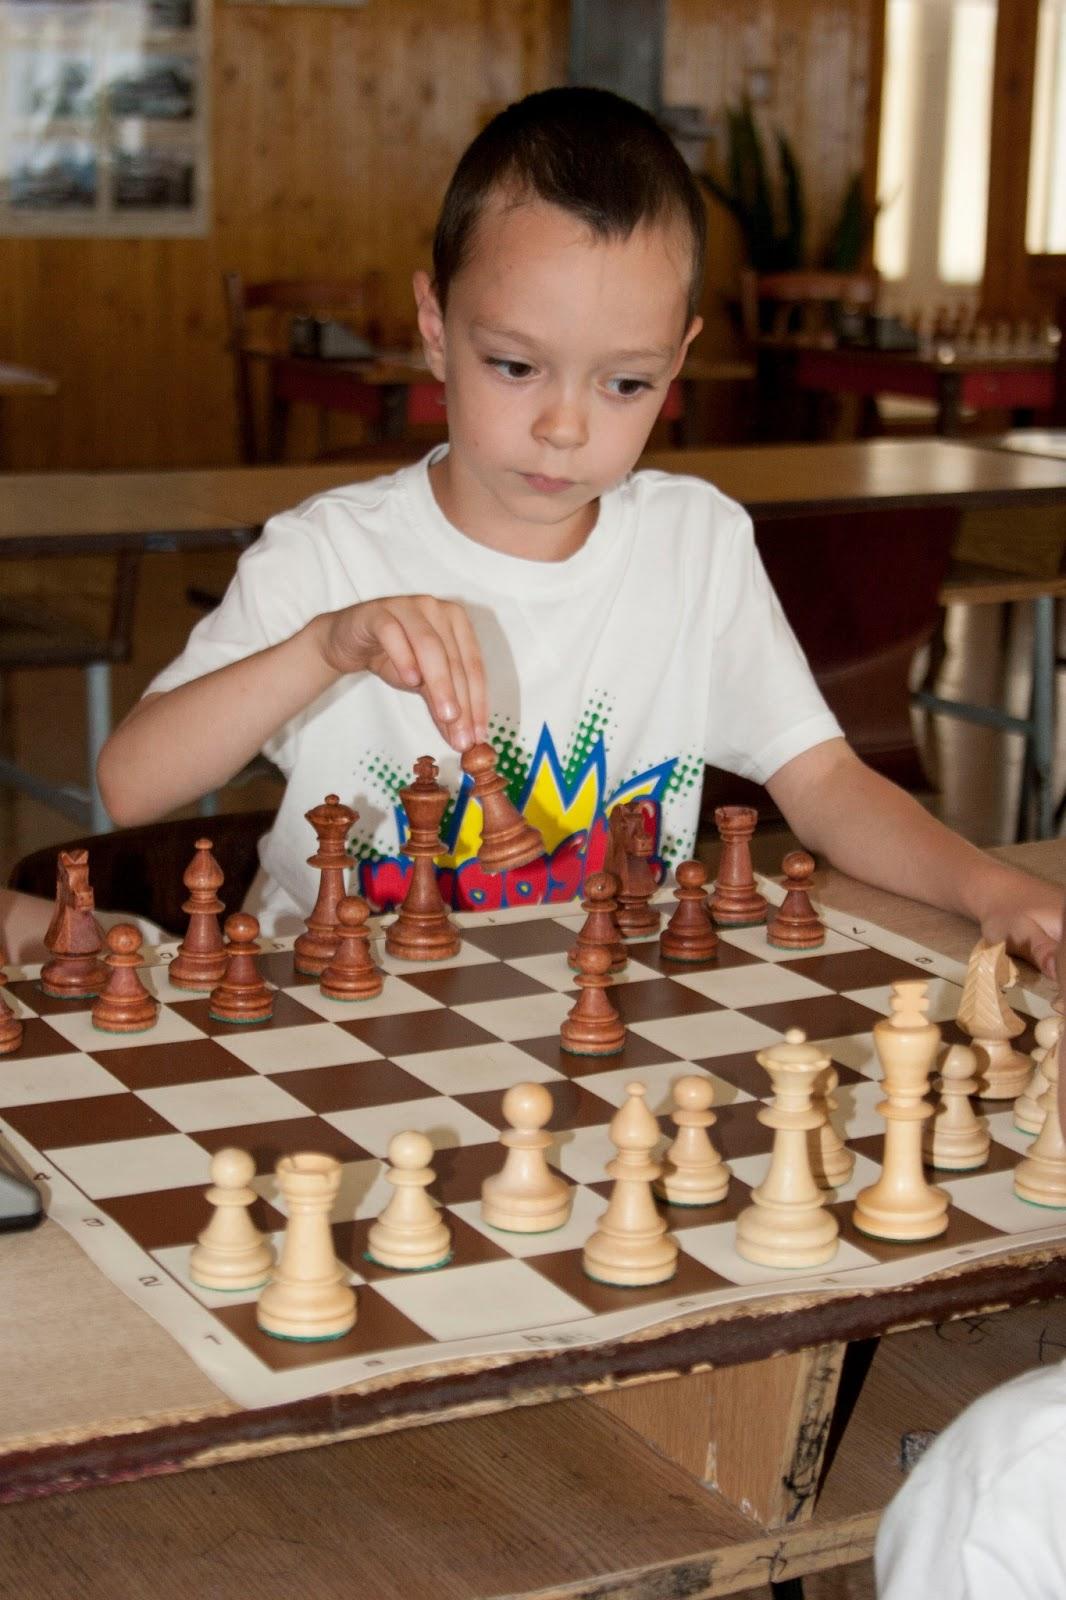 fejleszteni a kombinációs jövőképet a sakkban